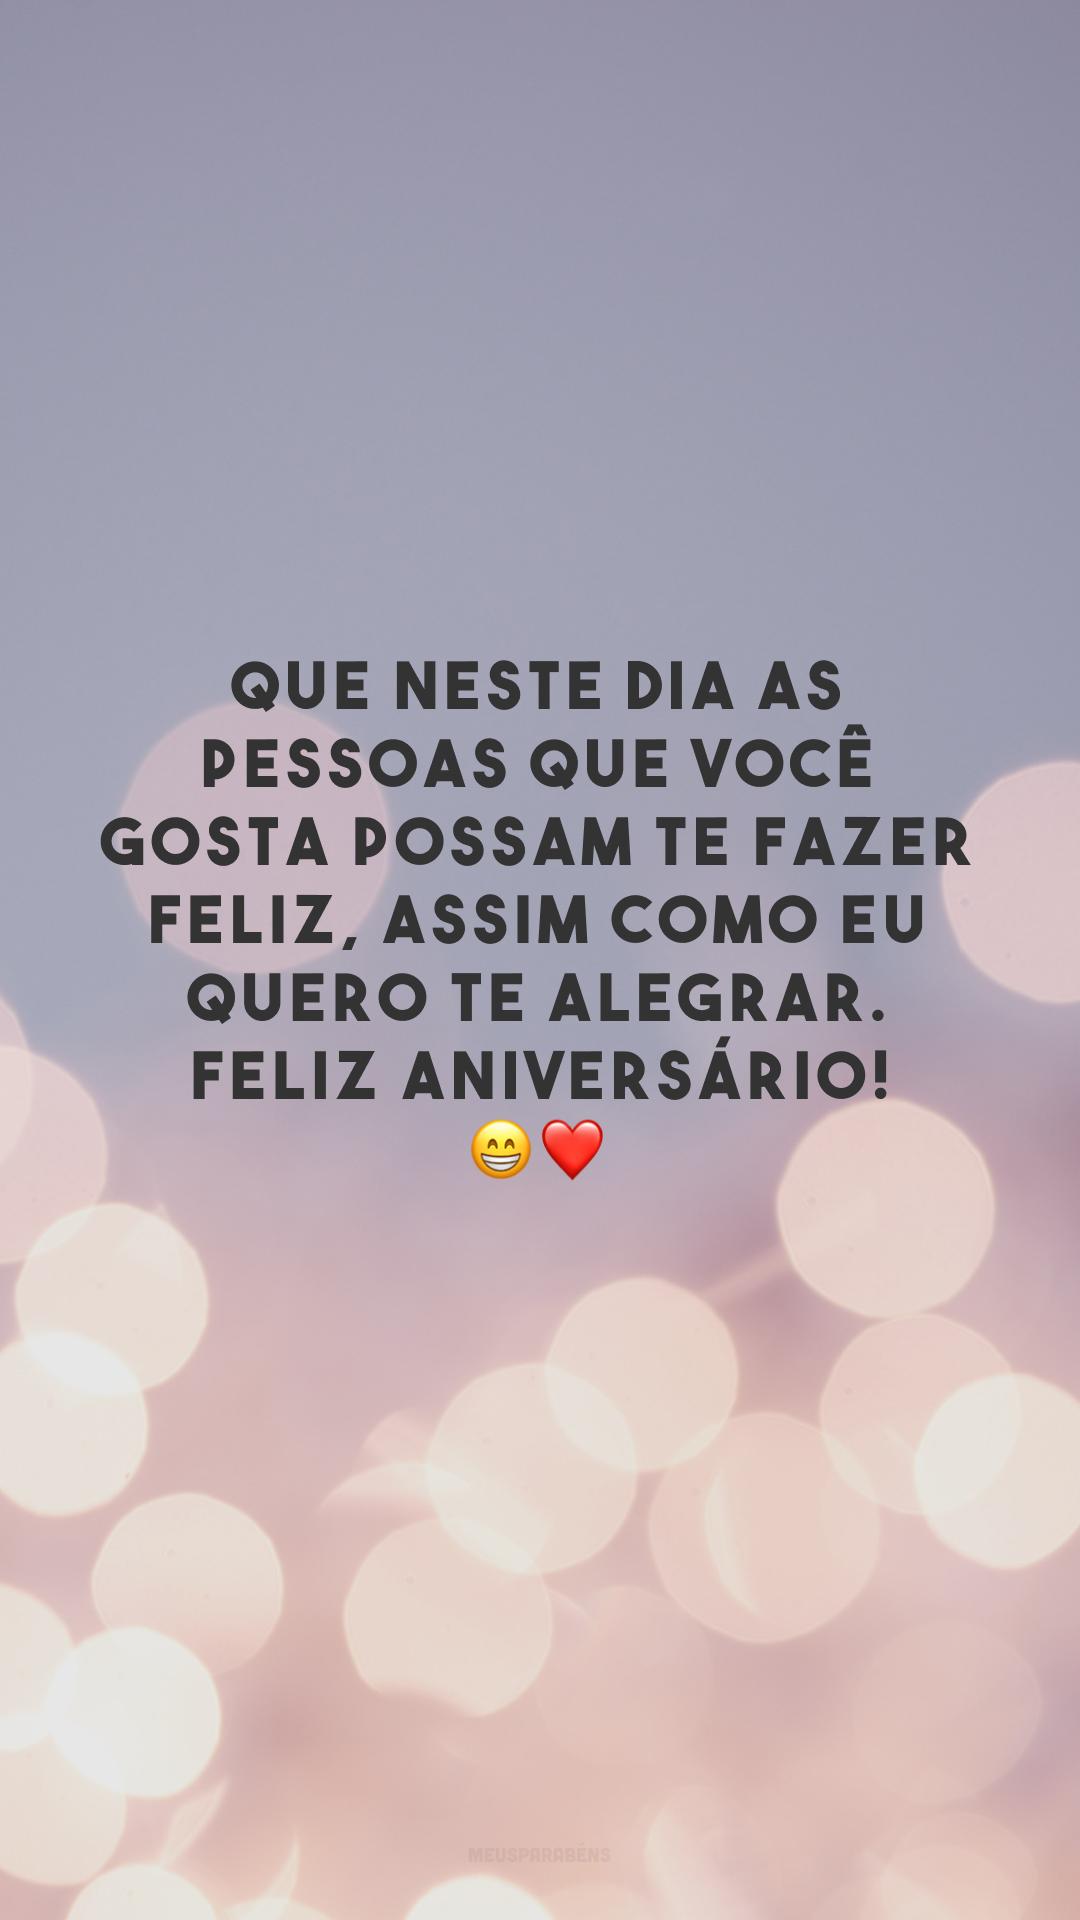 Que neste dia as pessoas que você gosta possam te fazer feliz, assim como eu quero te alegrar. Feliz aniversário! 😁❤️